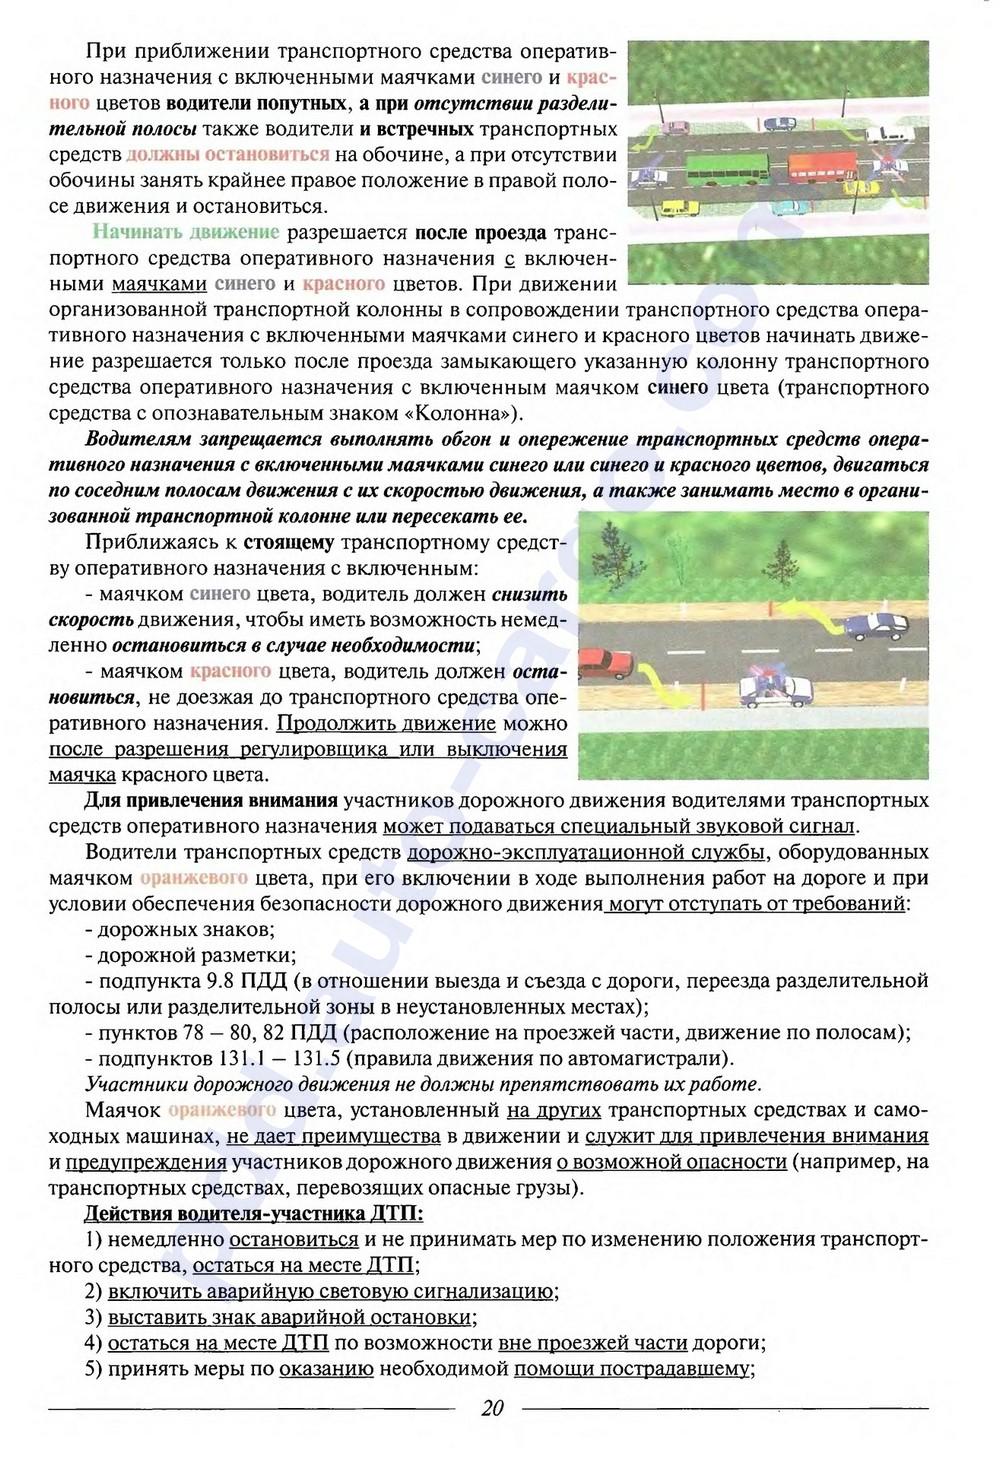 ПЛАН КАНСПЕКТ ПДД БЕЛОРУСЬ 2017 ГОД СКАЧАТЬ БЕСПЛАТНО